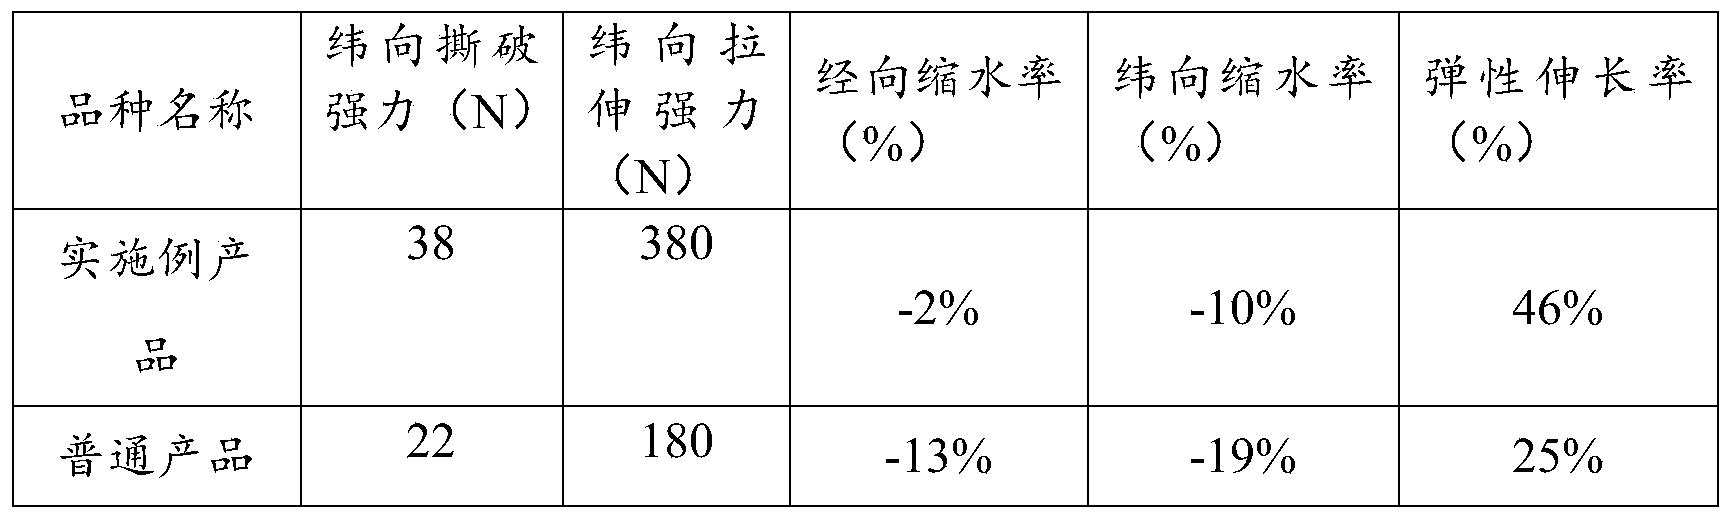 Figure PCTCN2019078519-appb-000008